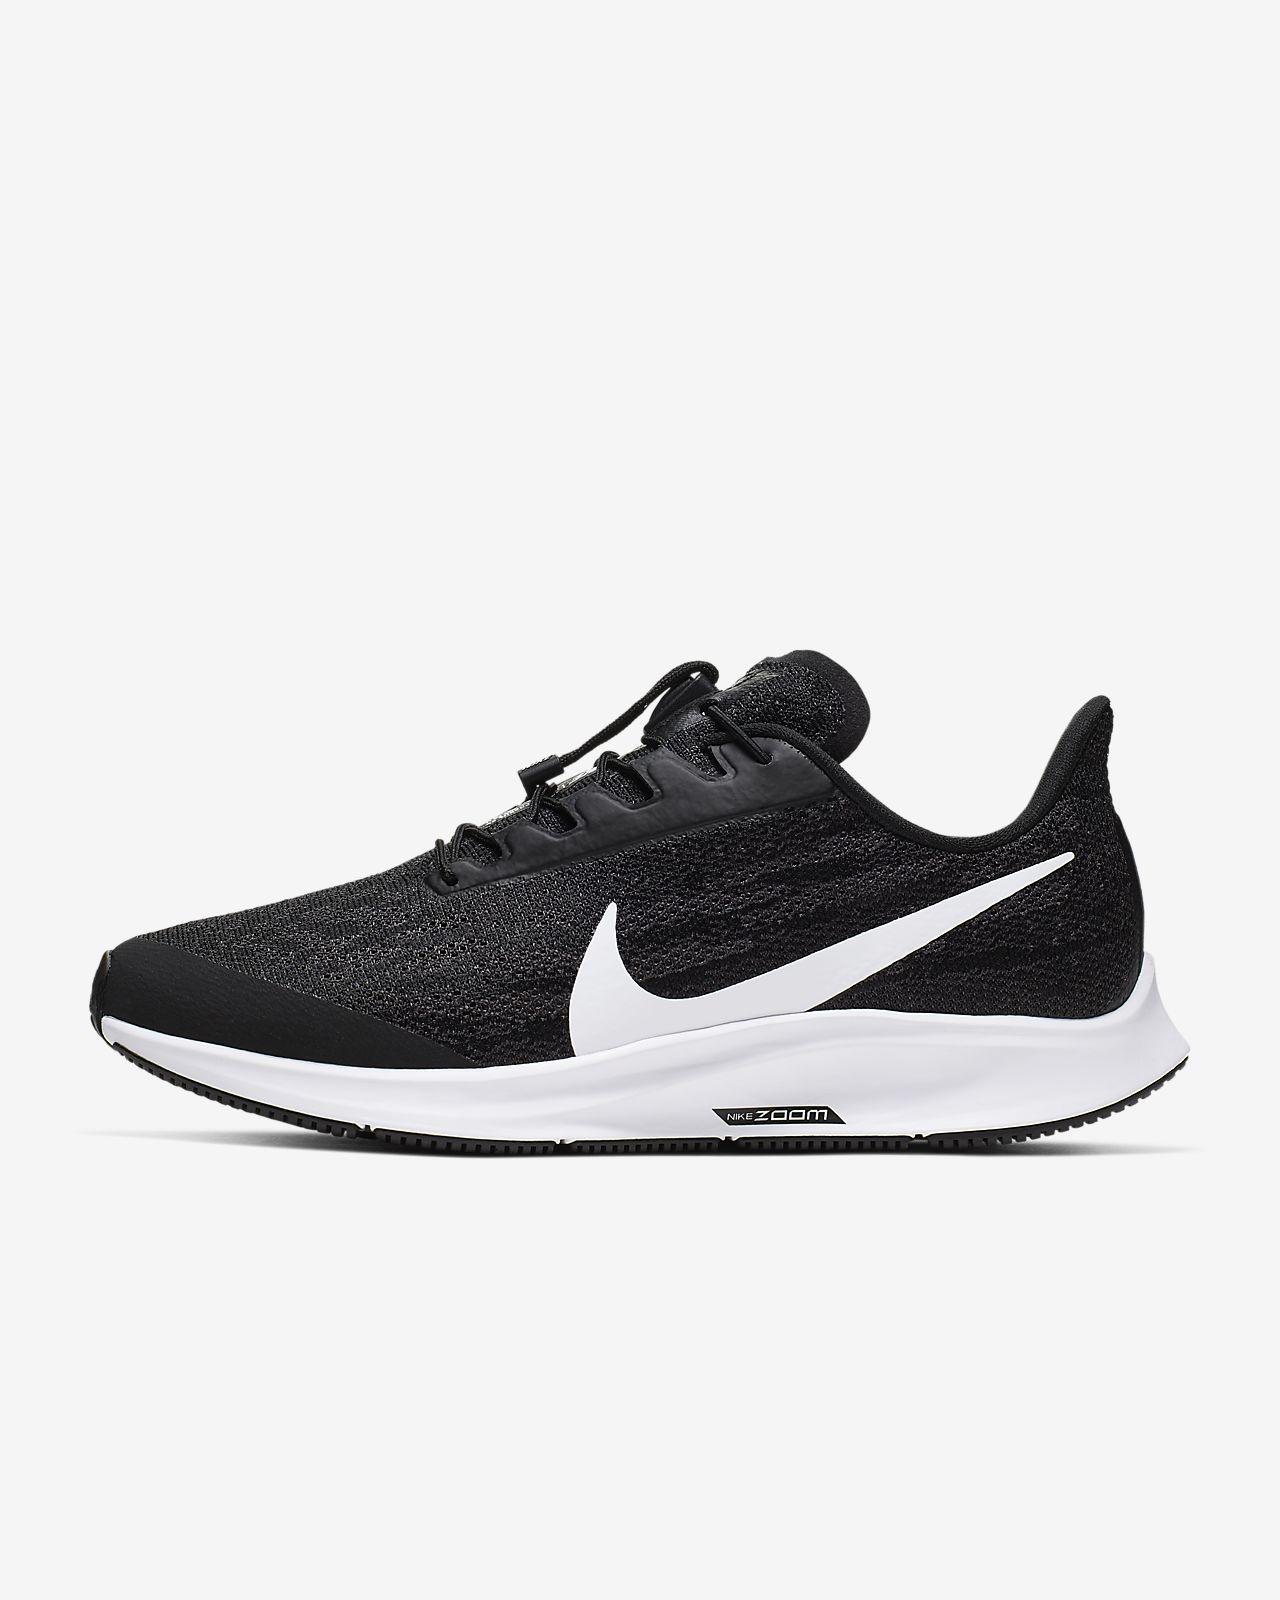 Nike Air Zoom Pegasus 36 FlyEase Zapatillas de running (anchas) - Mujer